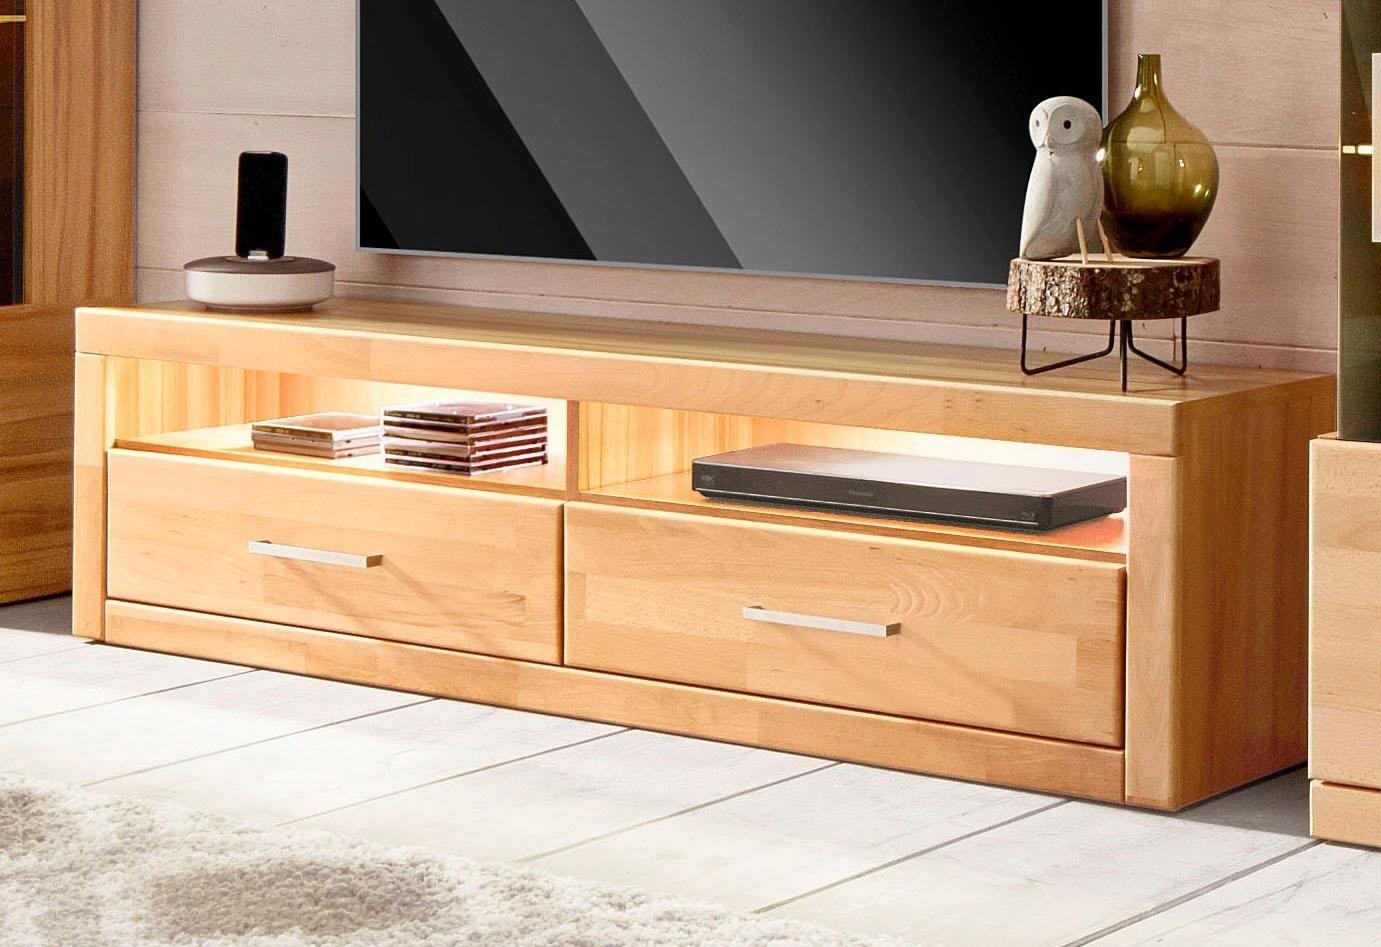 tv-meubel »Ribe« veilig op otto.nl kopen